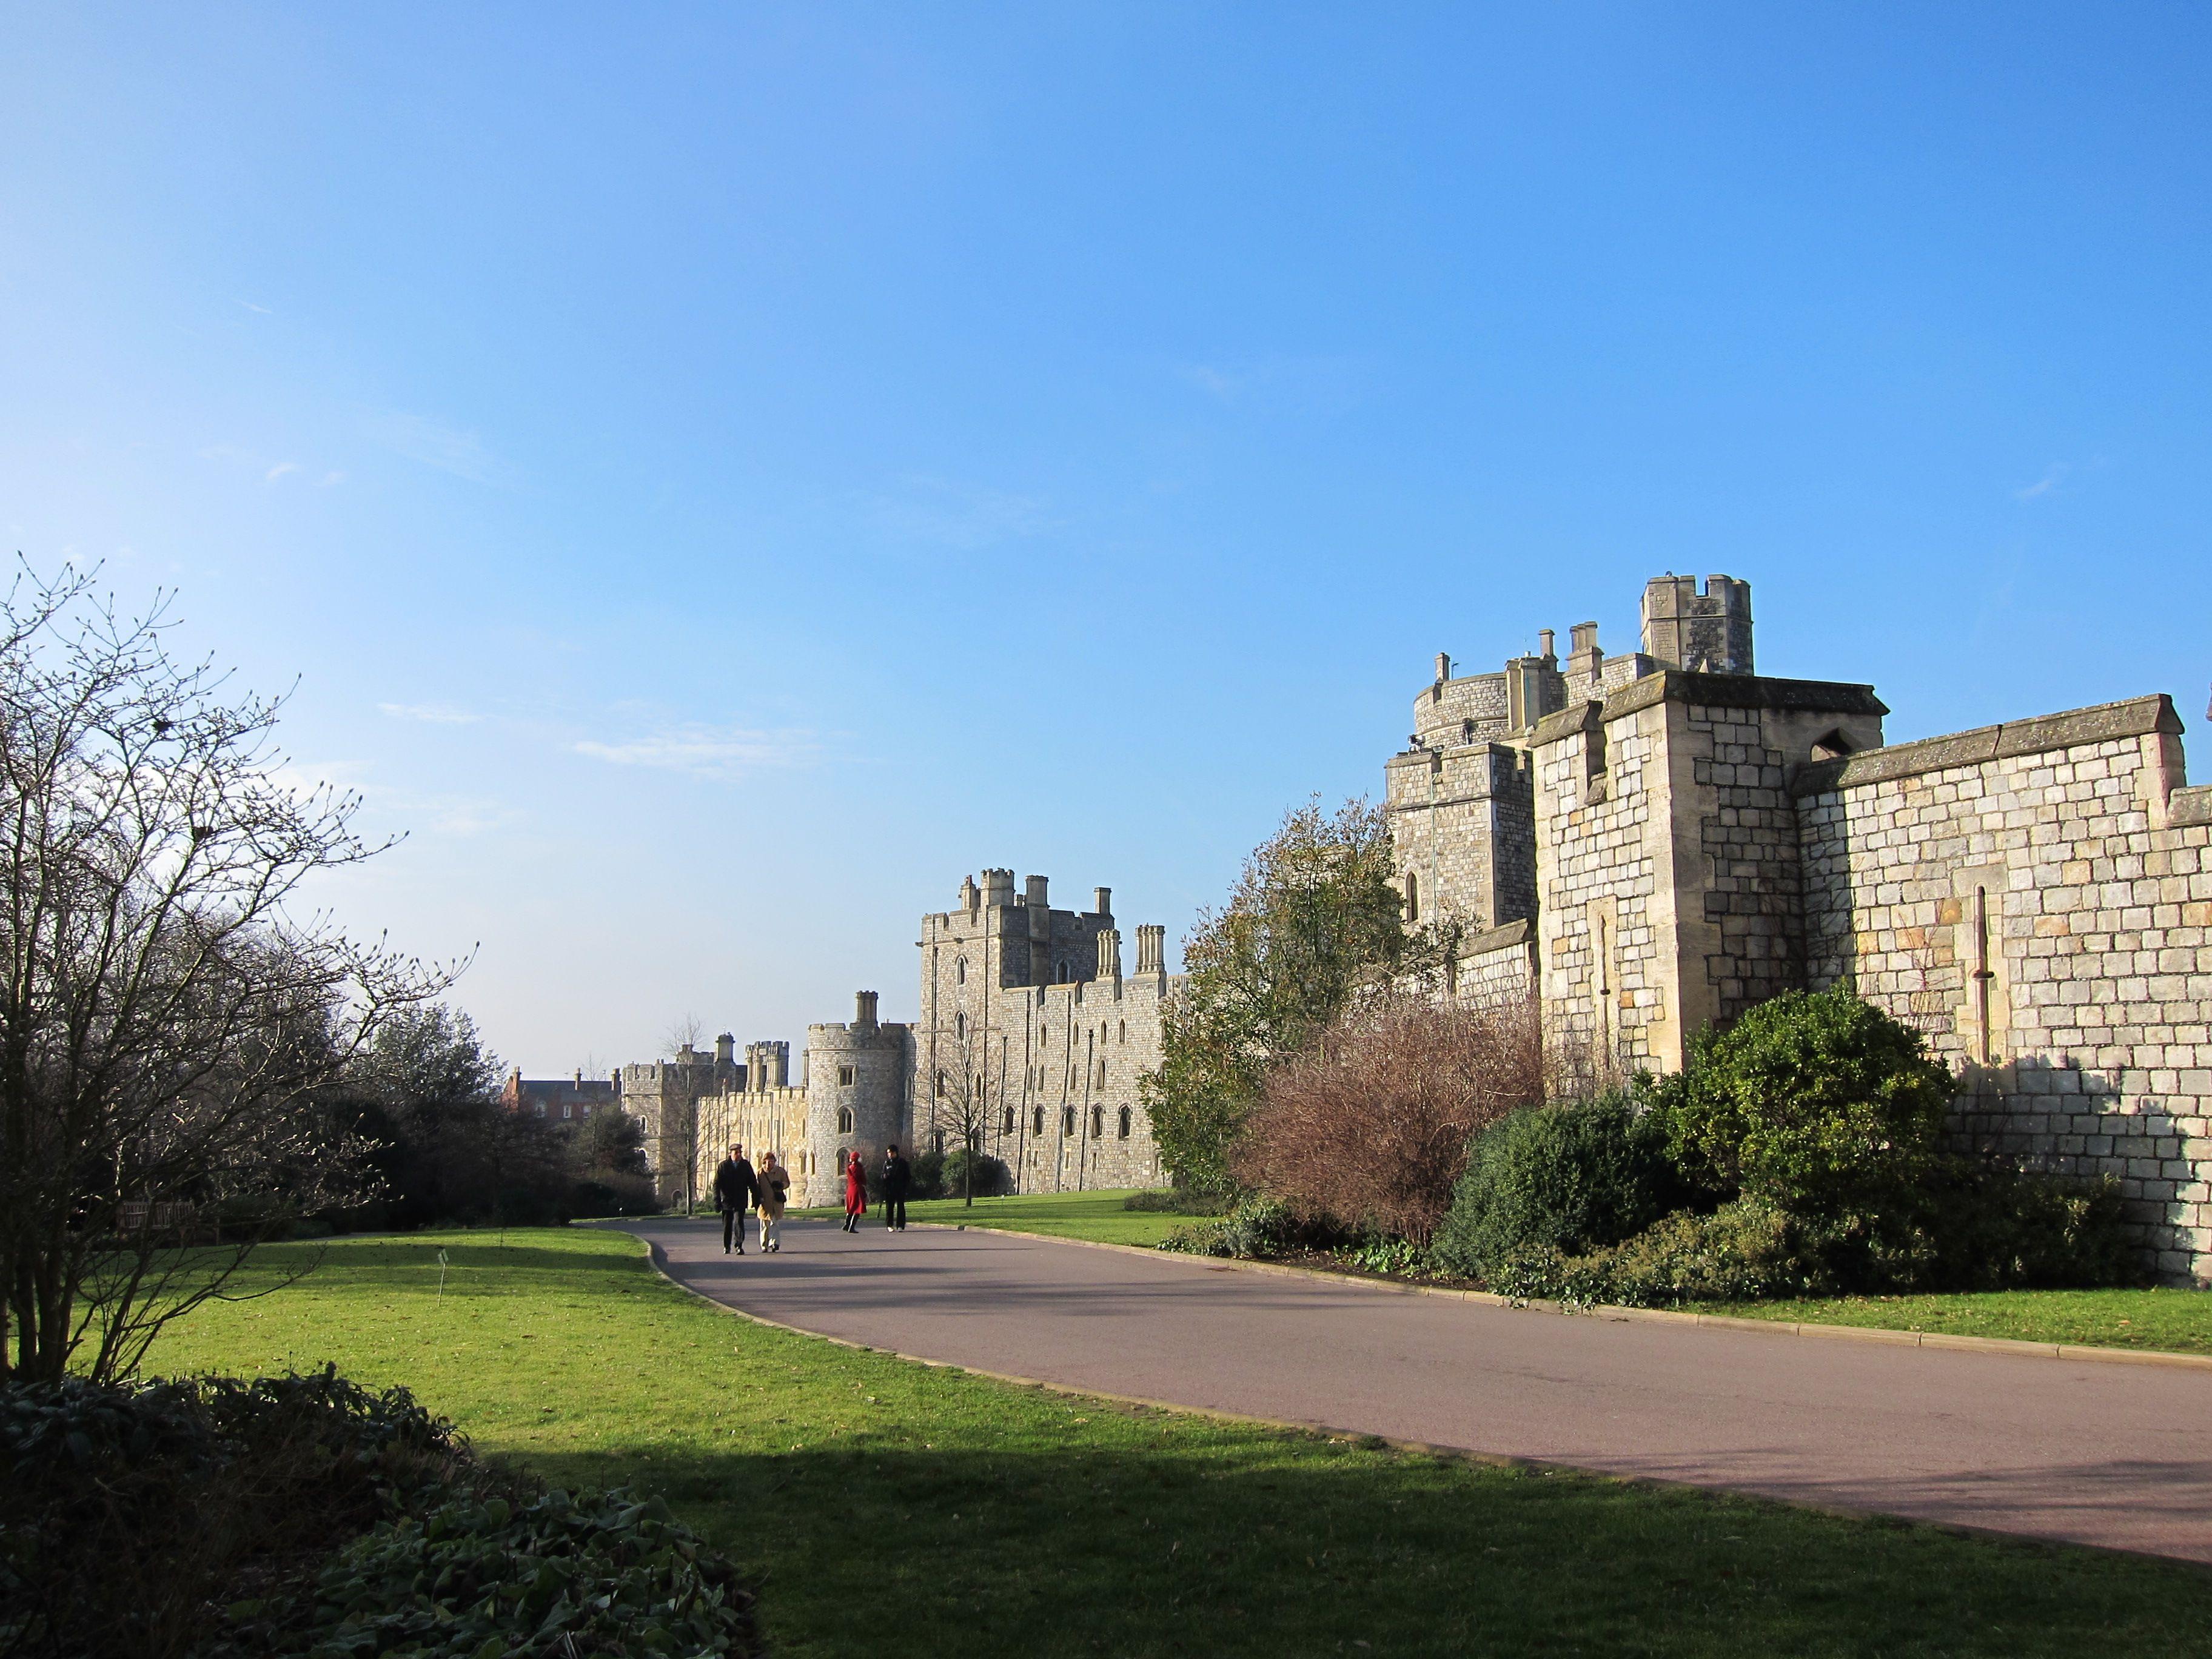 windsor castle in london england places i 39 ve been. Black Bedroom Furniture Sets. Home Design Ideas